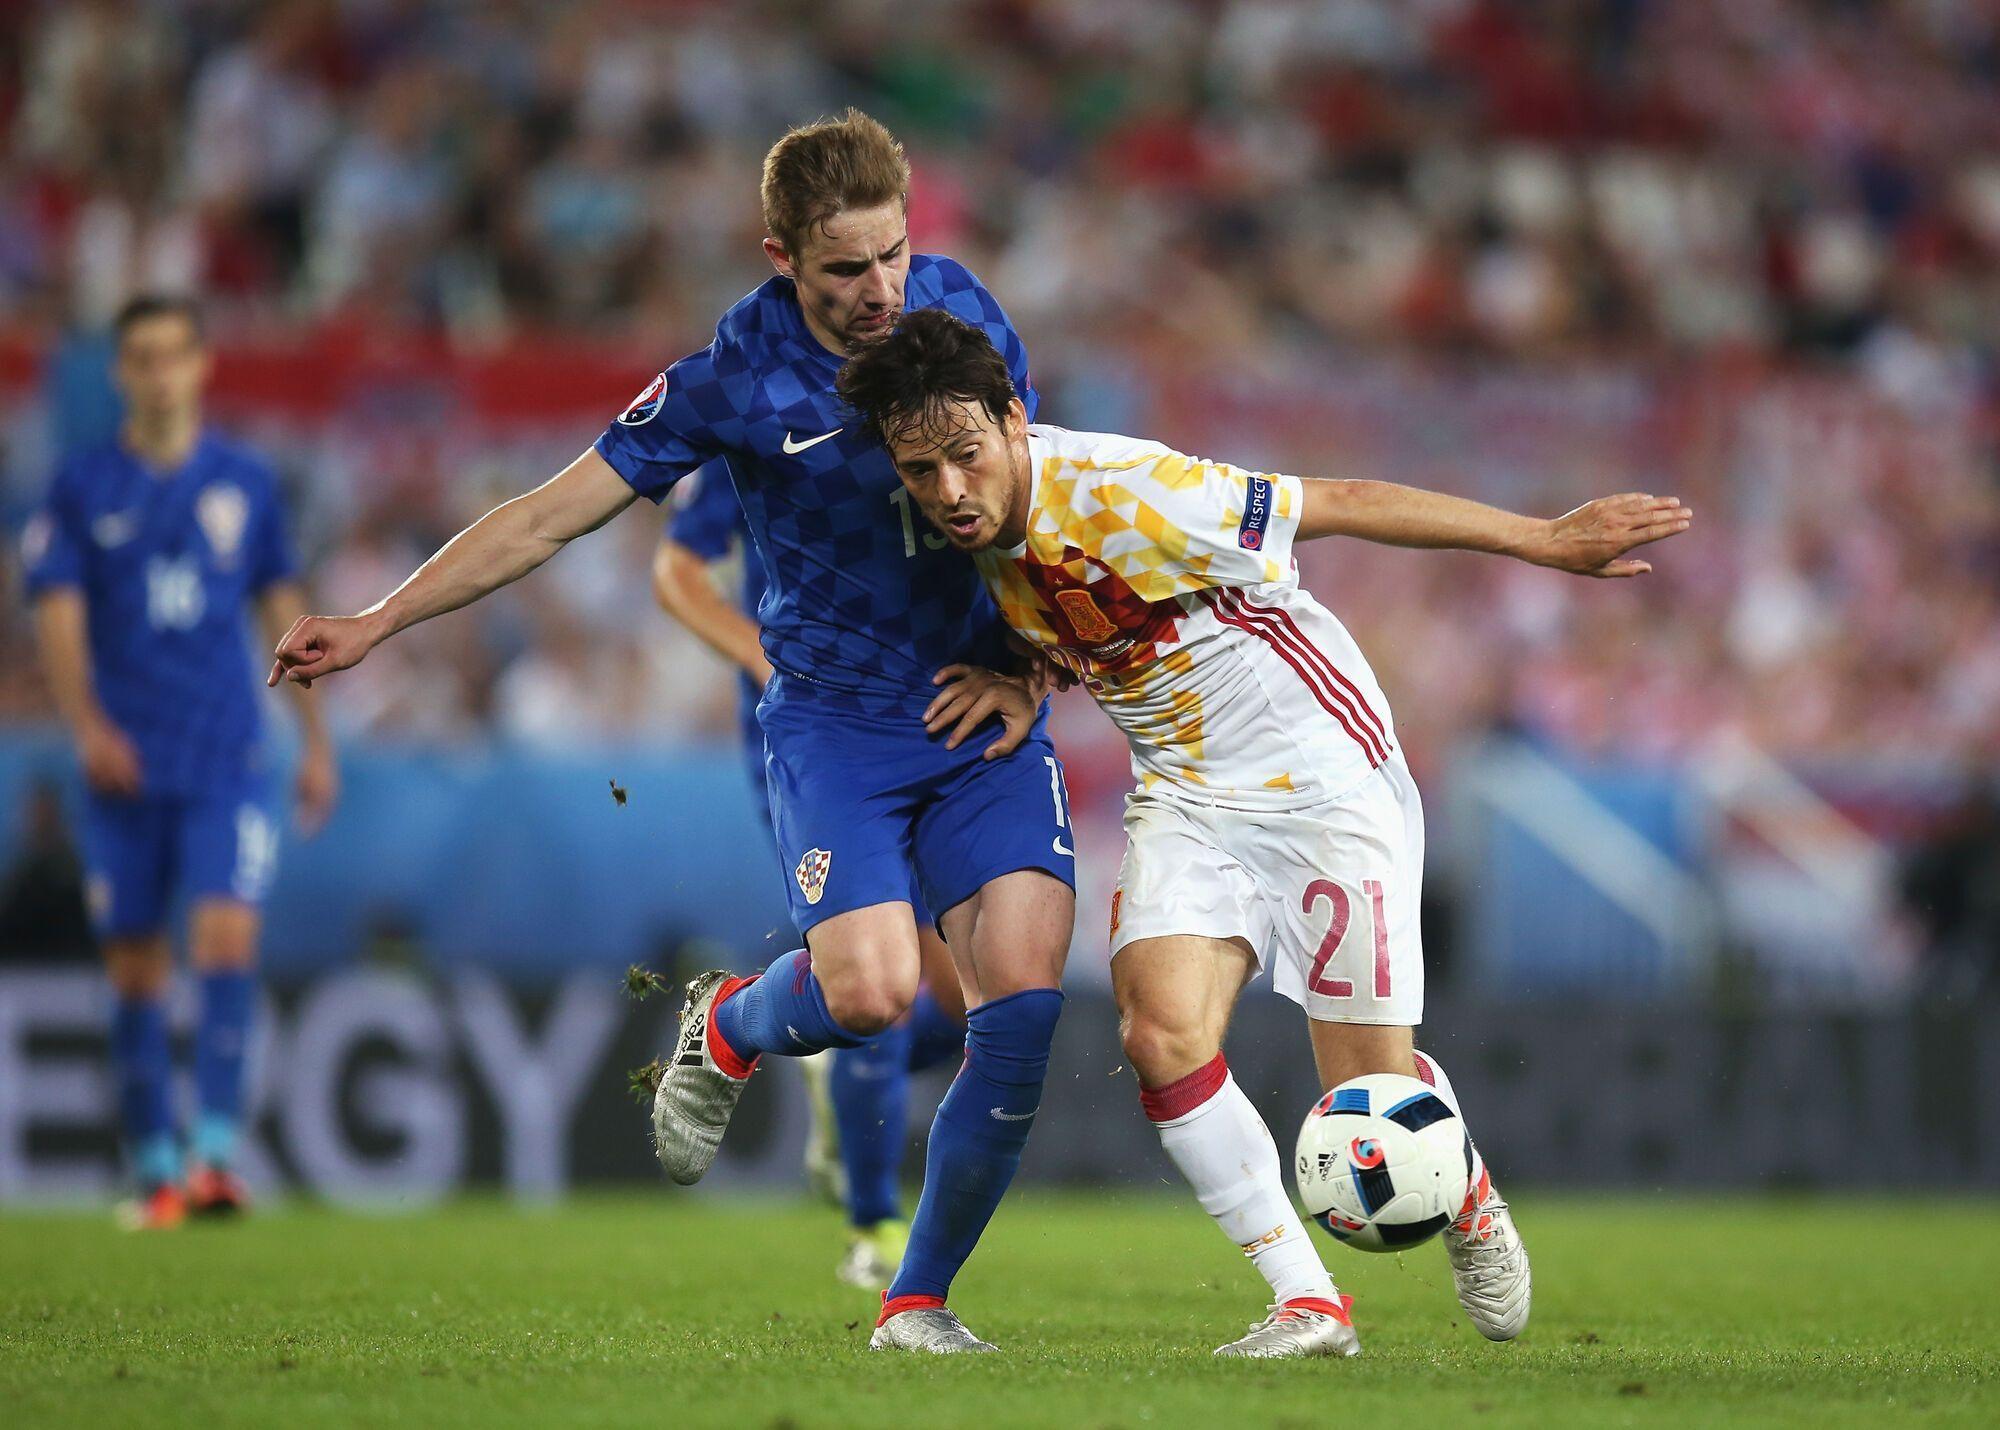 Іспанія Хорватія Євро 2016